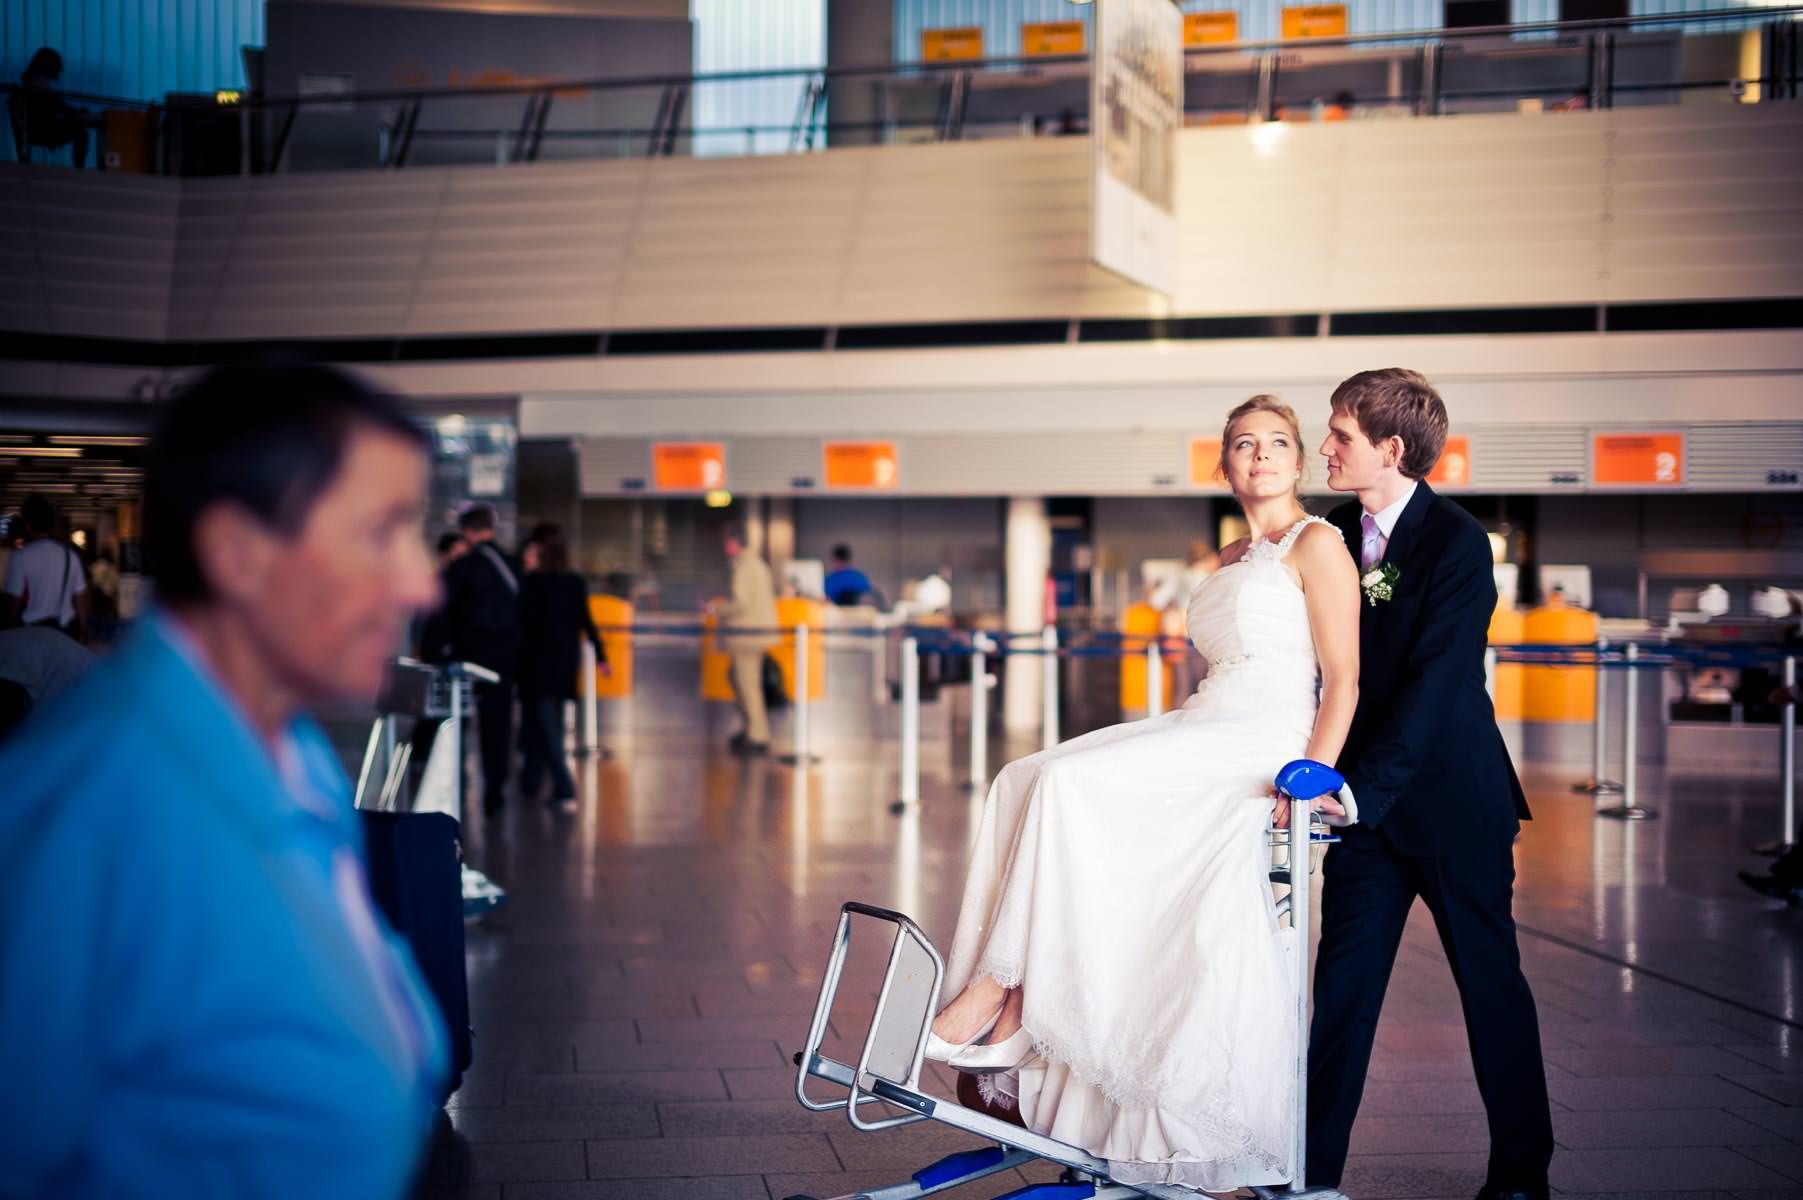 der Bräutigam fährt die Braut auf einem Kuli durch die Gegend